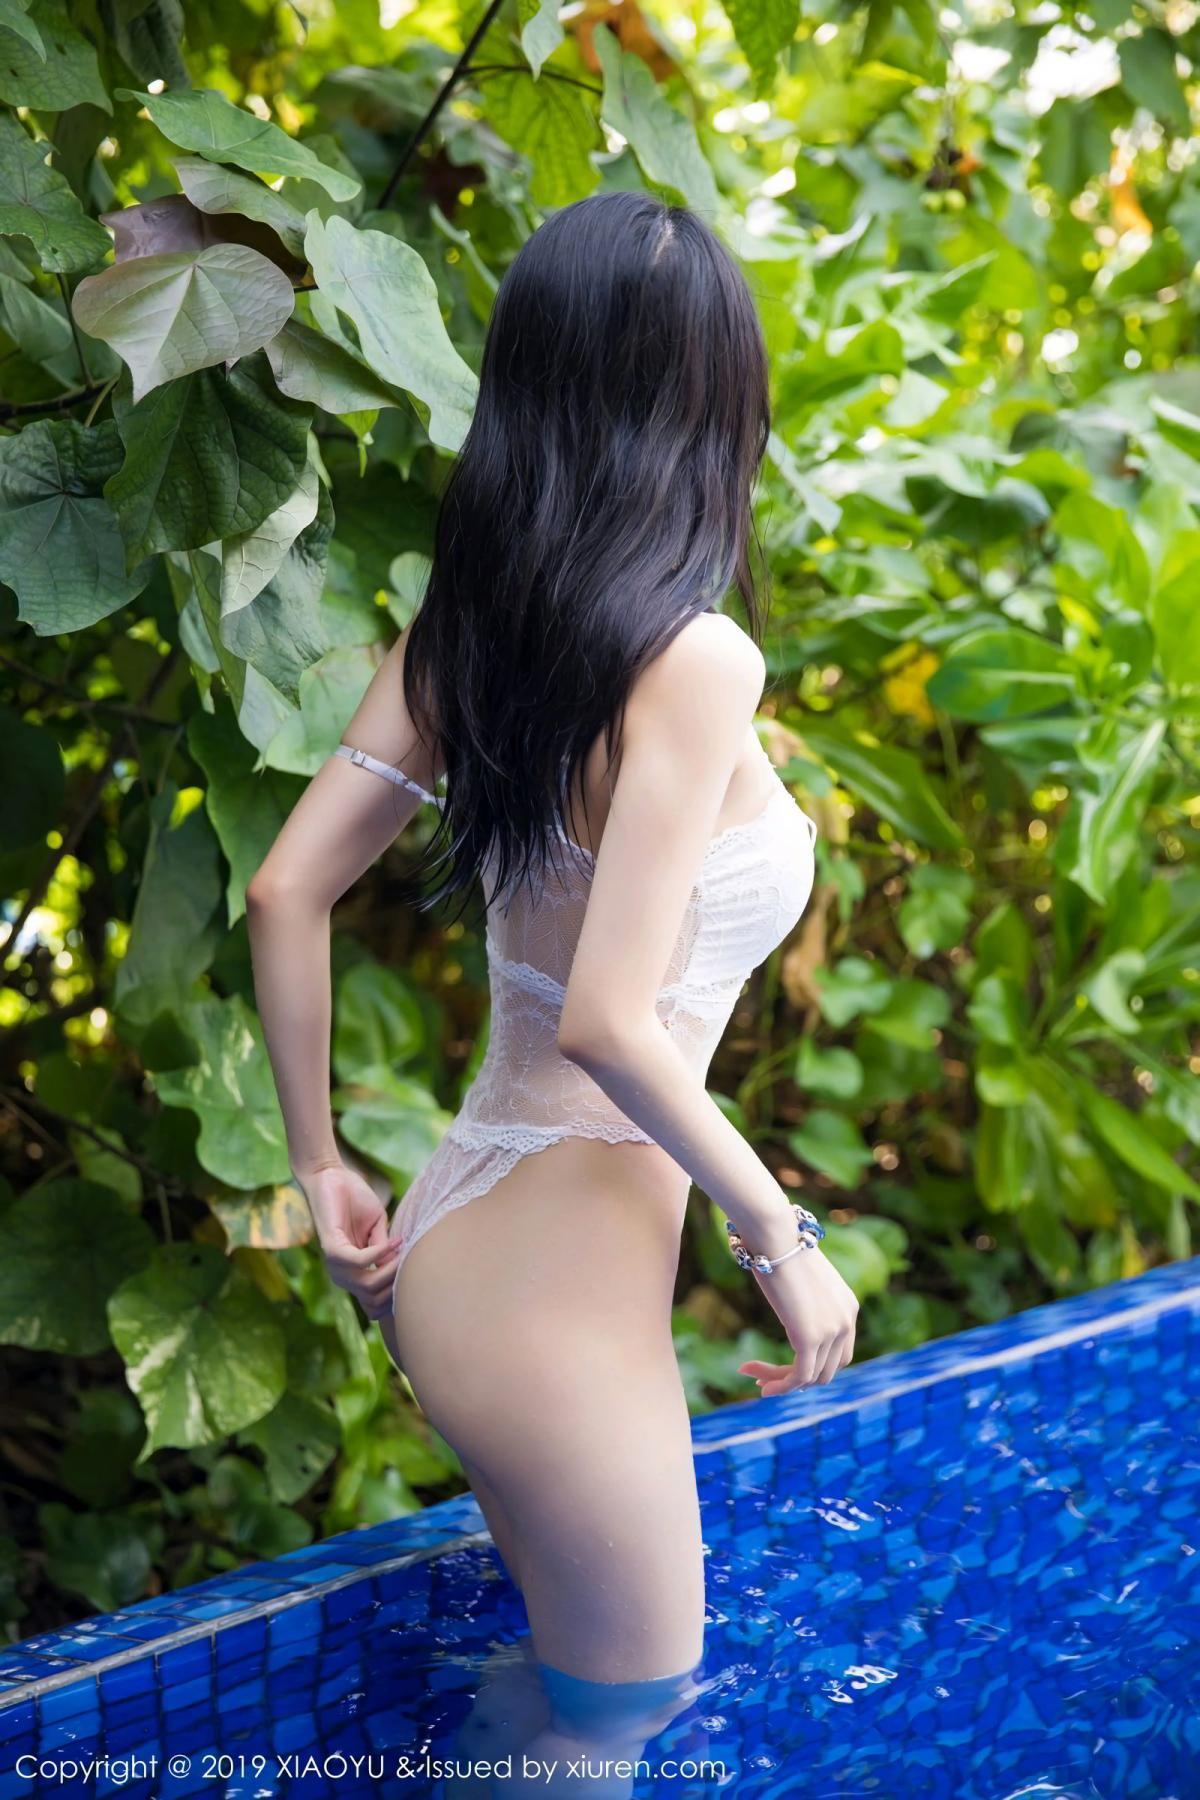 [XiaoYu] Vol.106 Di Yi 23P, Bikini, Di Yi, Swim Pool, Wet, XiaoYu